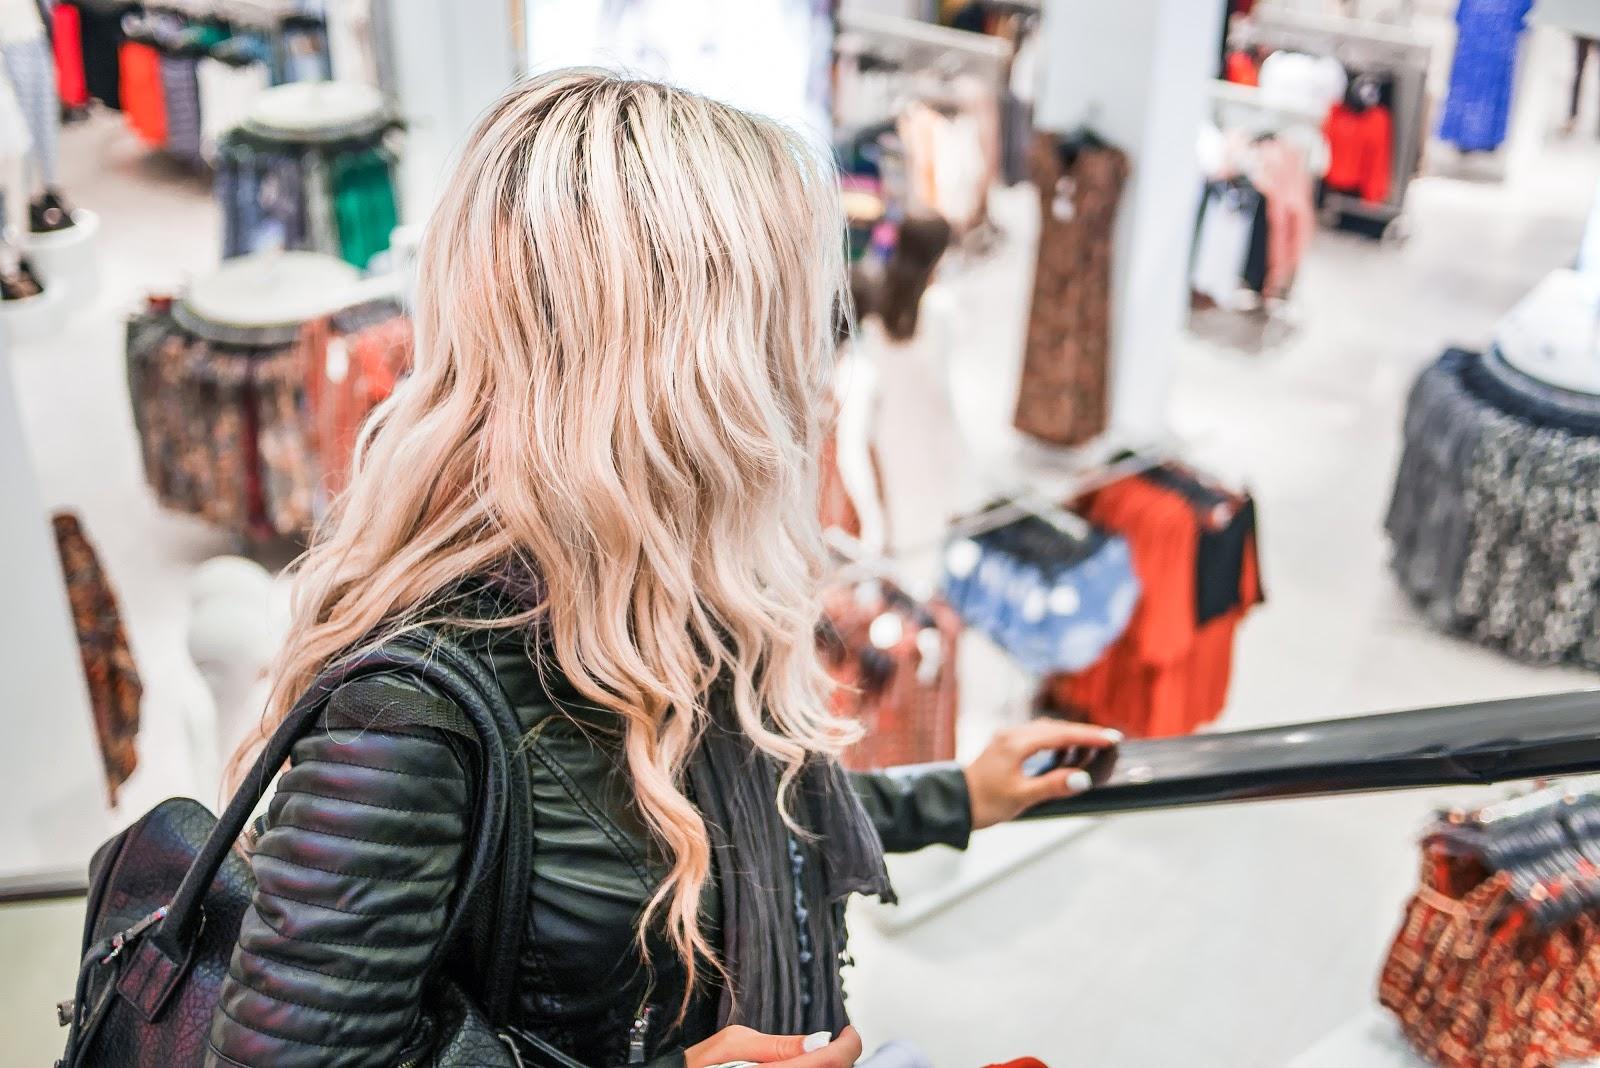 Przyciąganie uwagi klienta- ekskluzywne stoiska na targach oraz w sklepach.